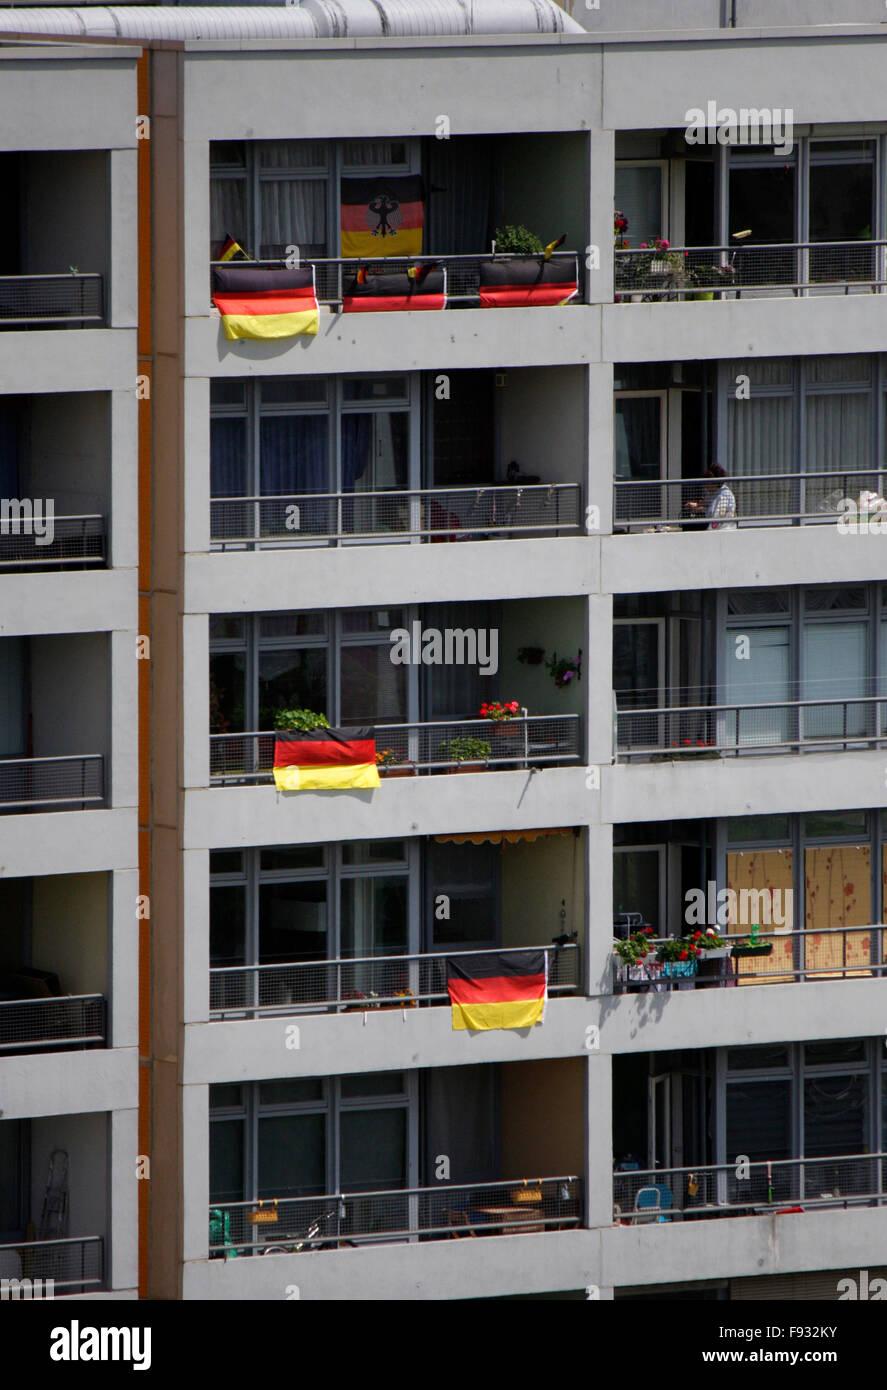 Luftbild: Mietshaeuser mit Fahnen zu Zeiten der Fussball Weltmeisterschaft 2014, Berlin-Kreuzberg. - Stock Image